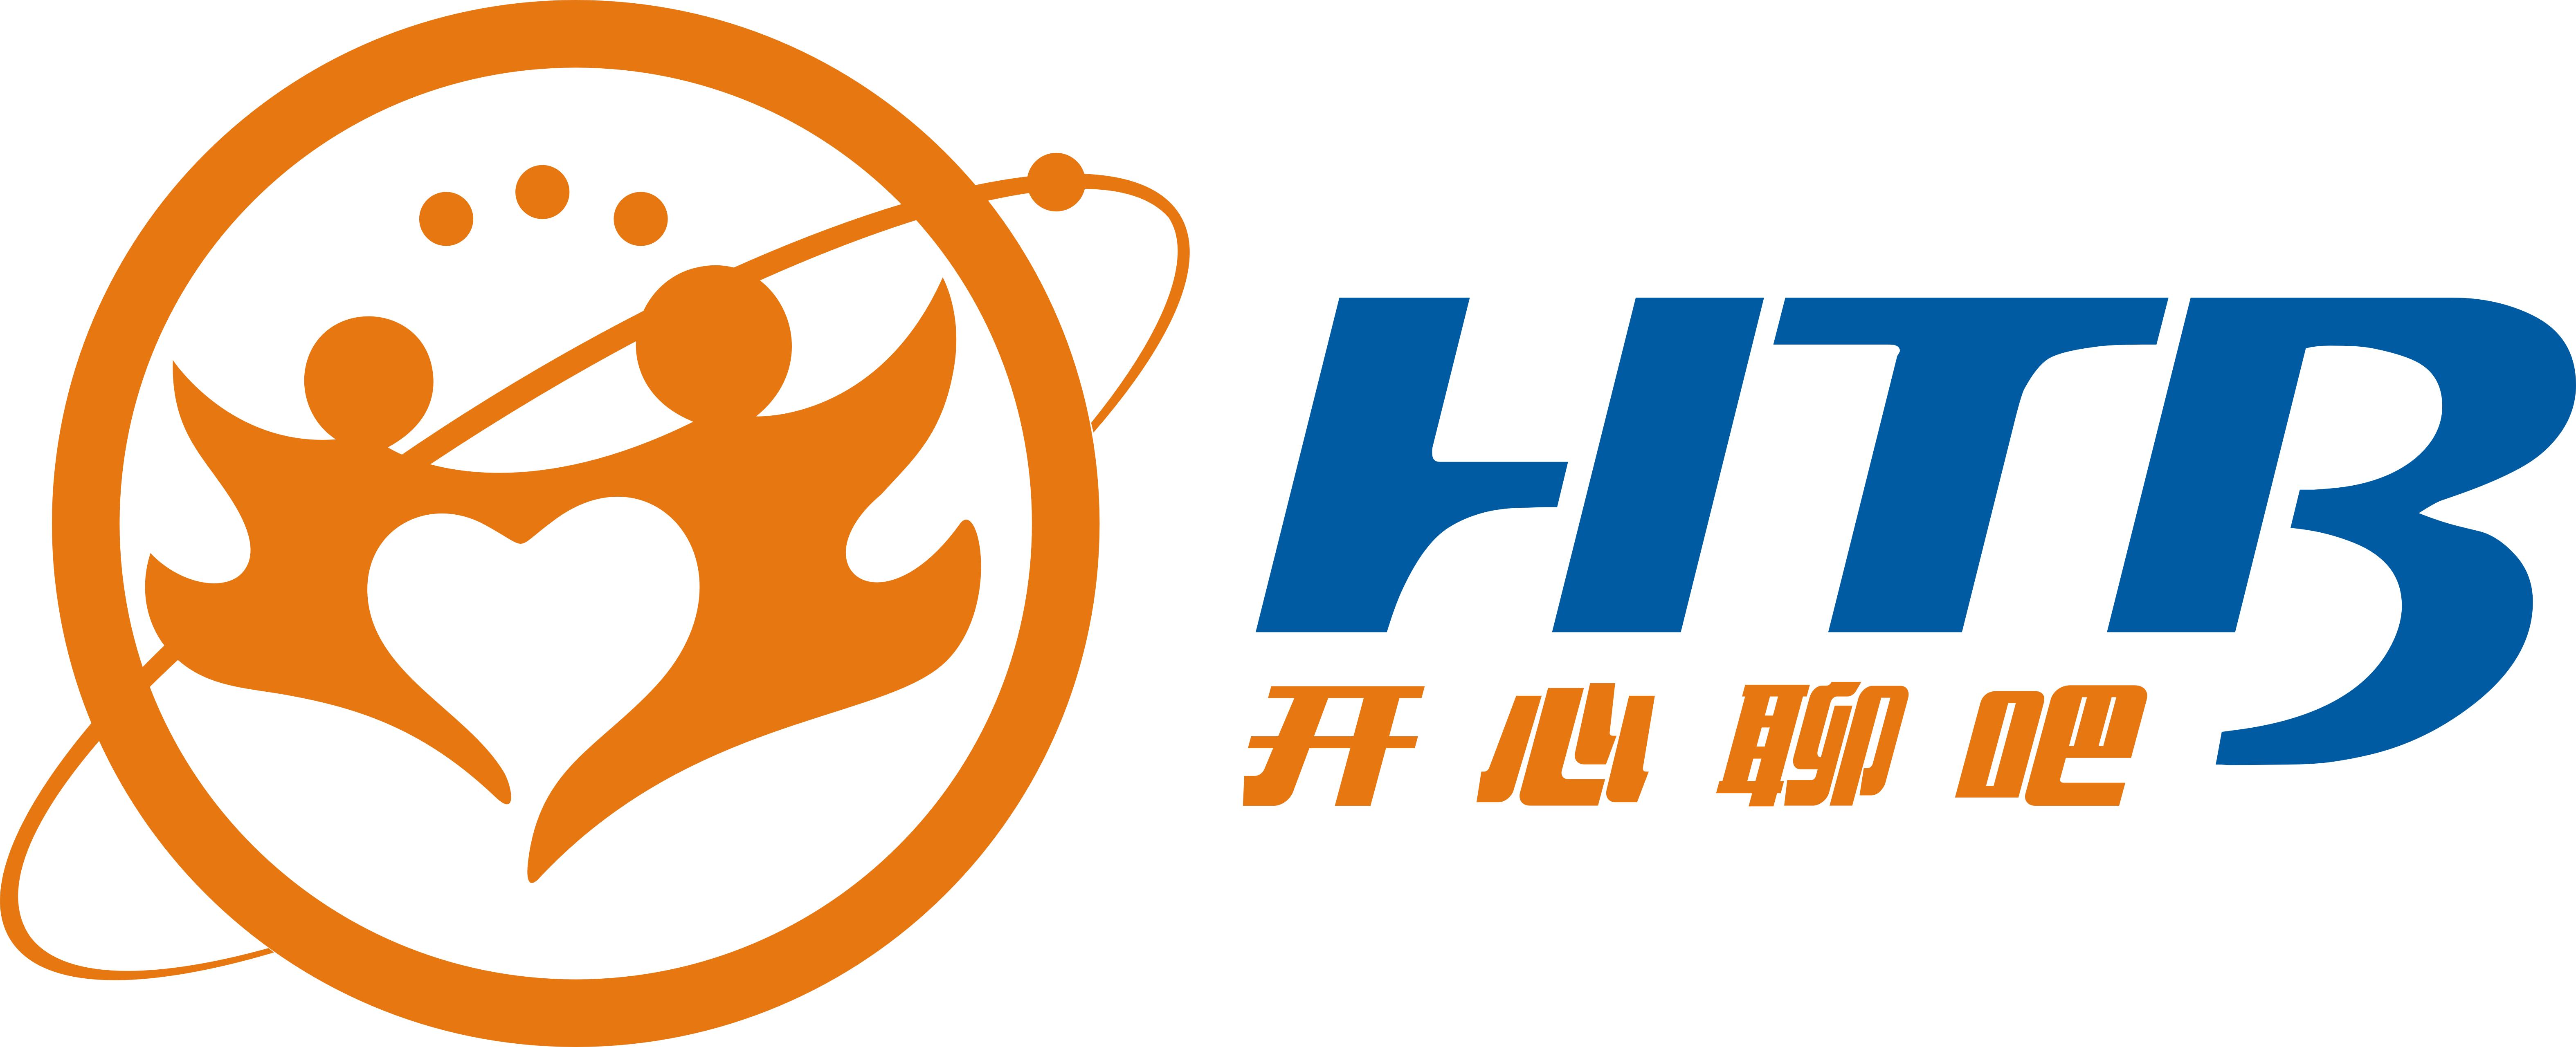 logo logo 标志 设计 矢量 矢量图 素材 图标 6298_2561